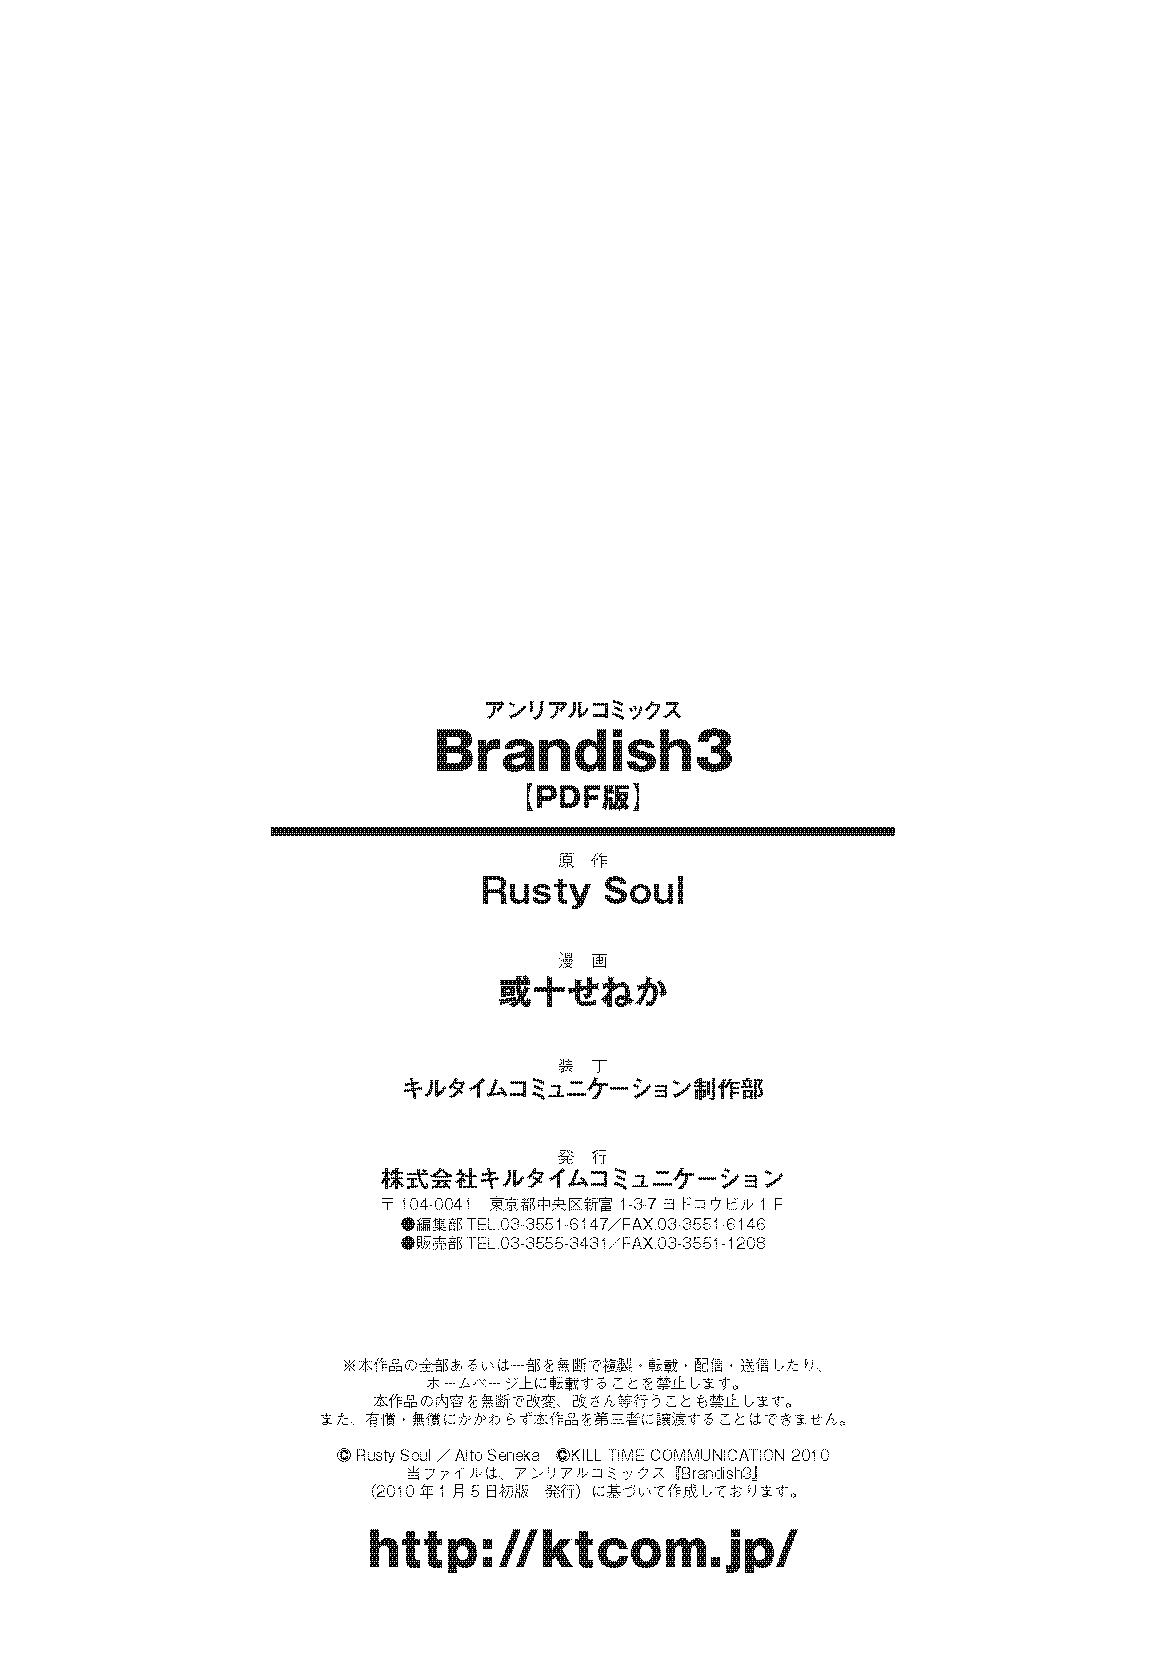 Brandish 3 178